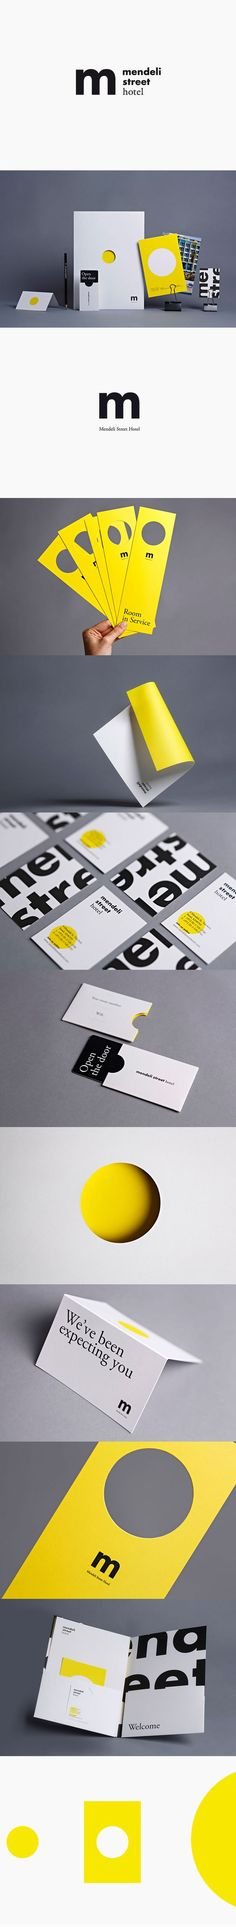 Mendeli Street Branding by Koniak | Fivestar Branding – Design and Branding Agency & Inspiration Gallery